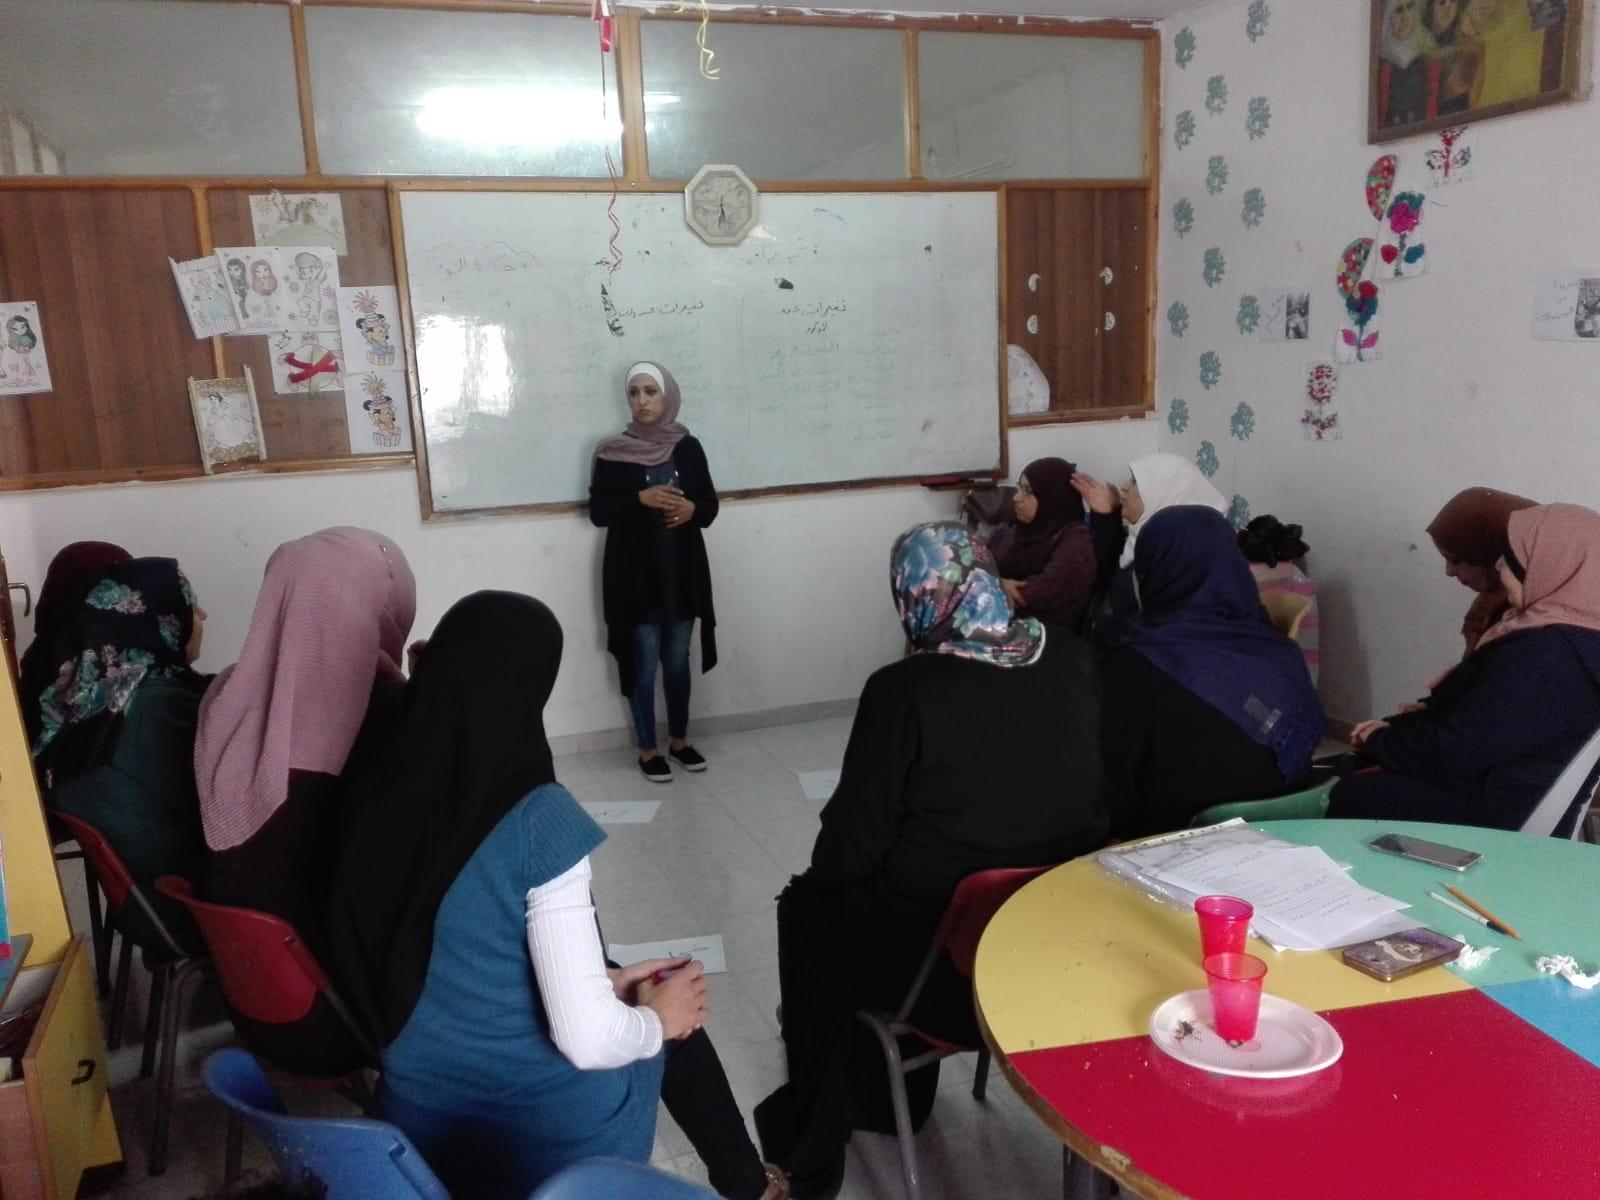 منتدى الجنسانية ينفذ تدريباً لمجموعة أمهات في نابلس حول جنسانية الفرد والأسرة